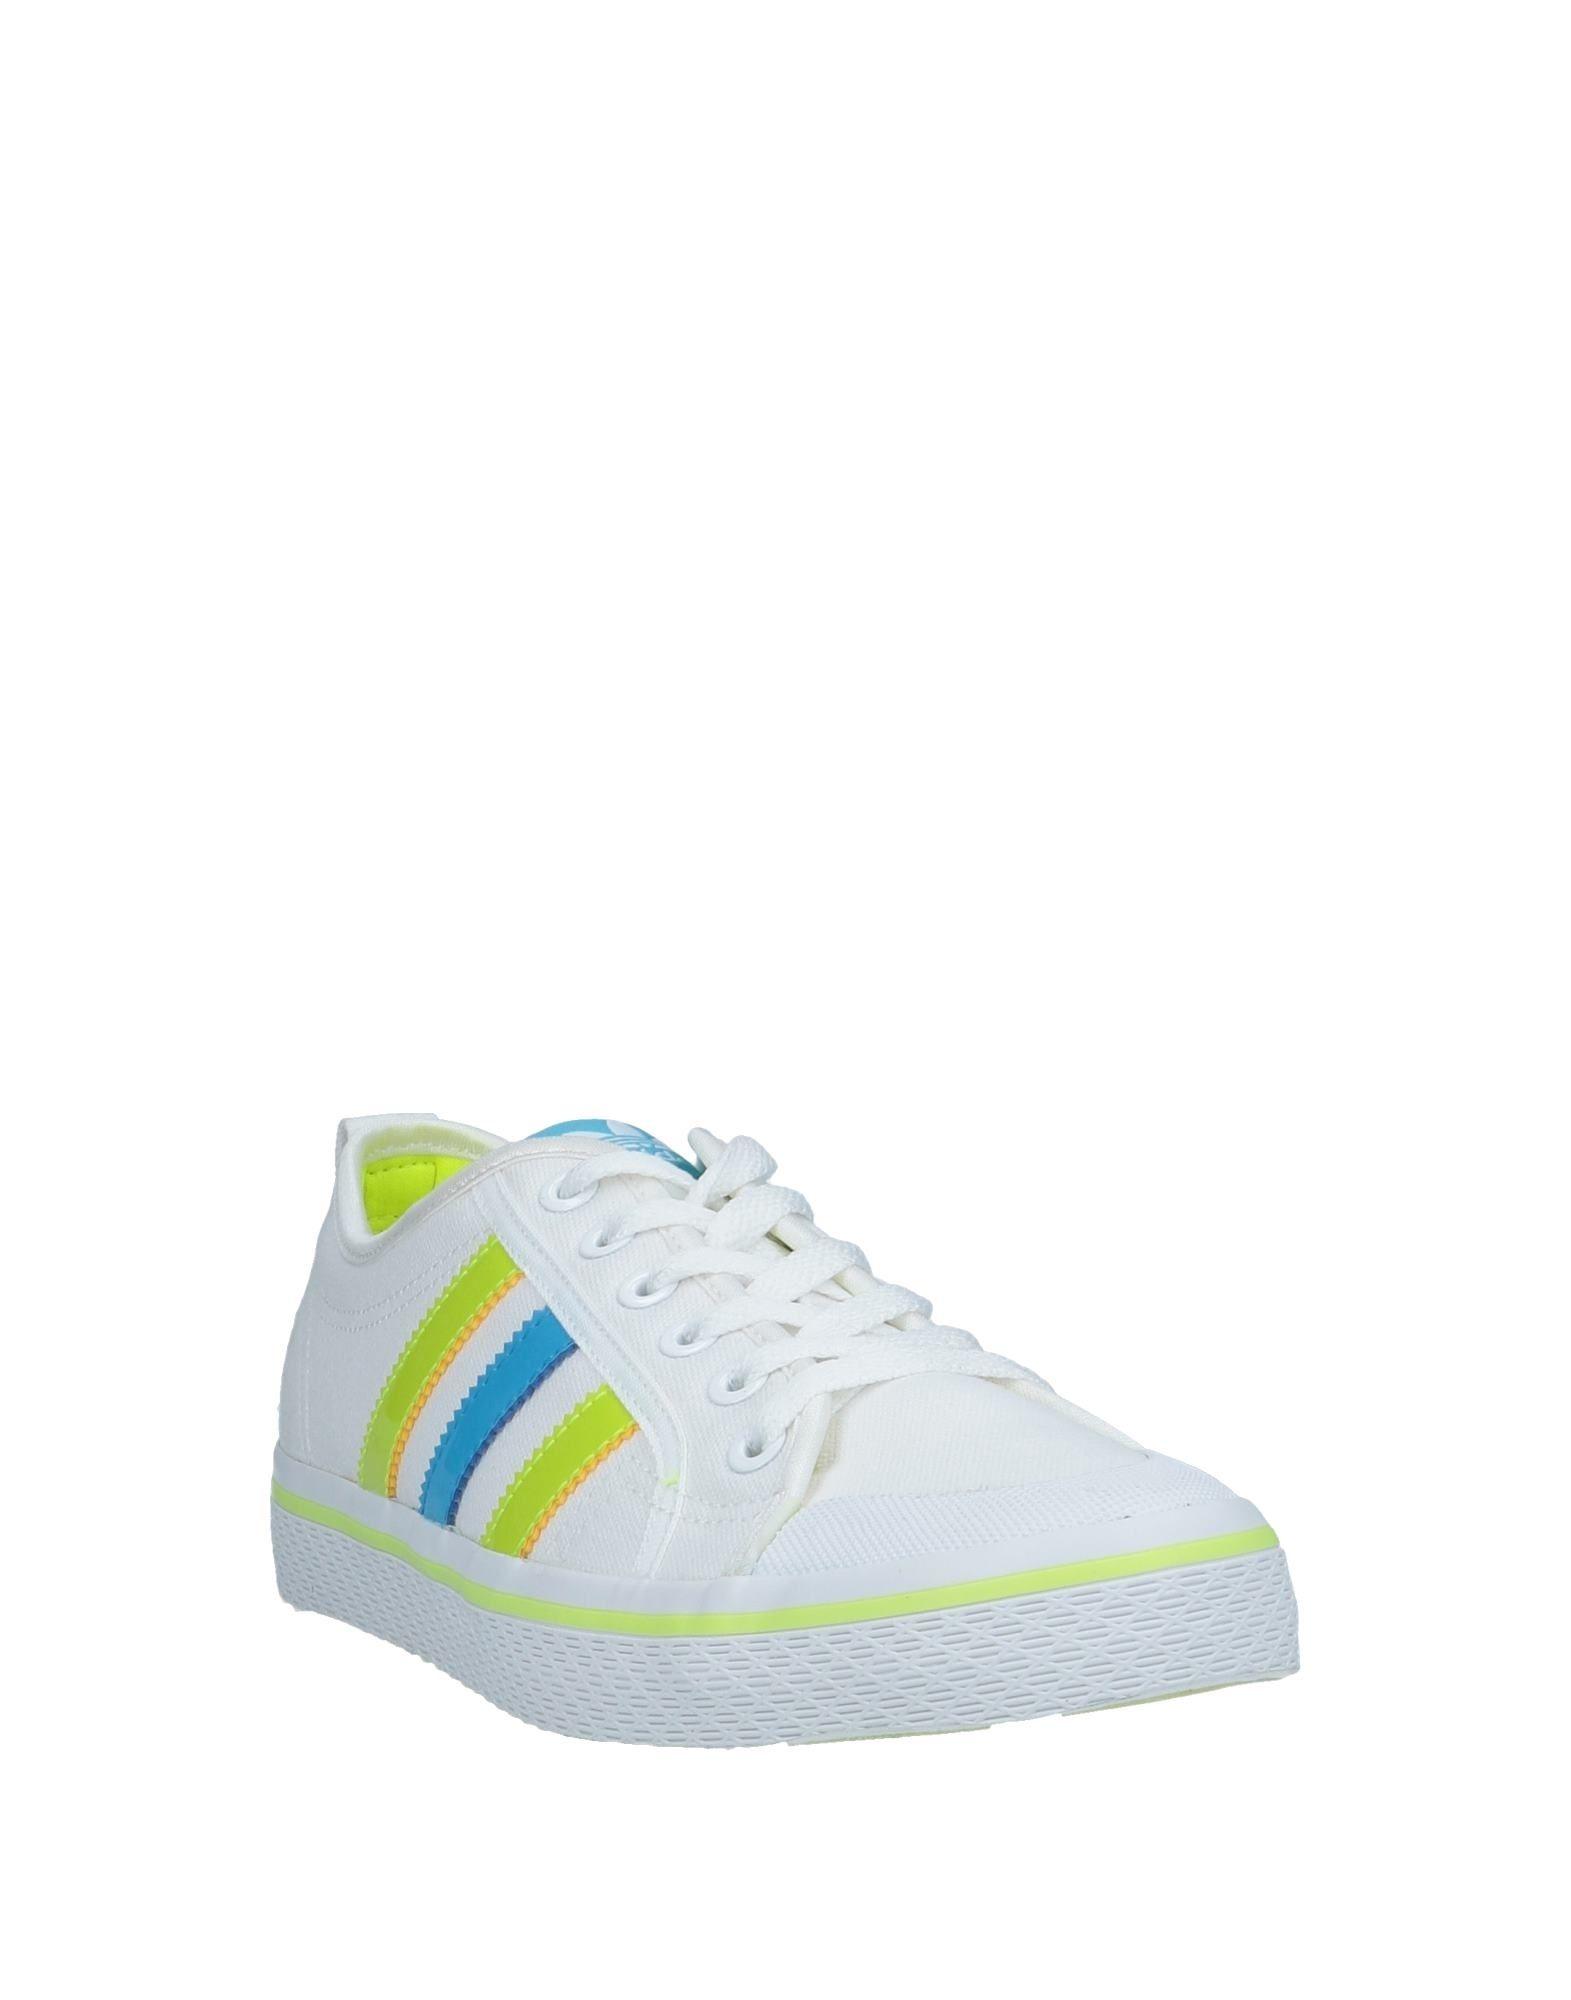 Adidas Originals Gute Sneakers Damen  11554406RB Gute Originals Qualität beliebte Schuhe 8aab67